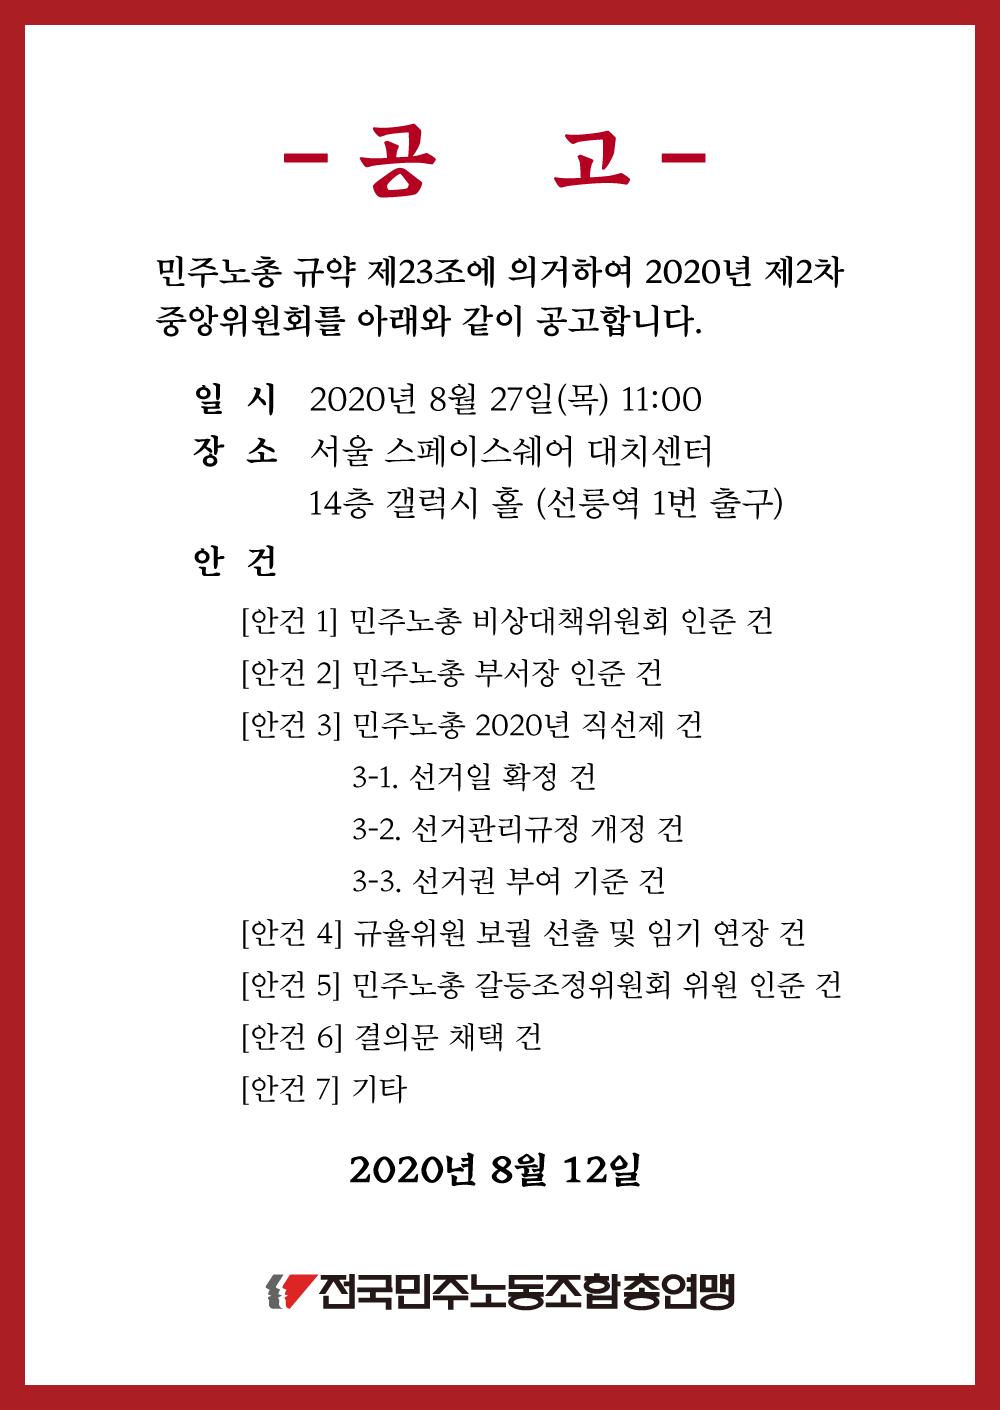 2020년-민주노총-제2차-중앙위원회-소집의-건.png